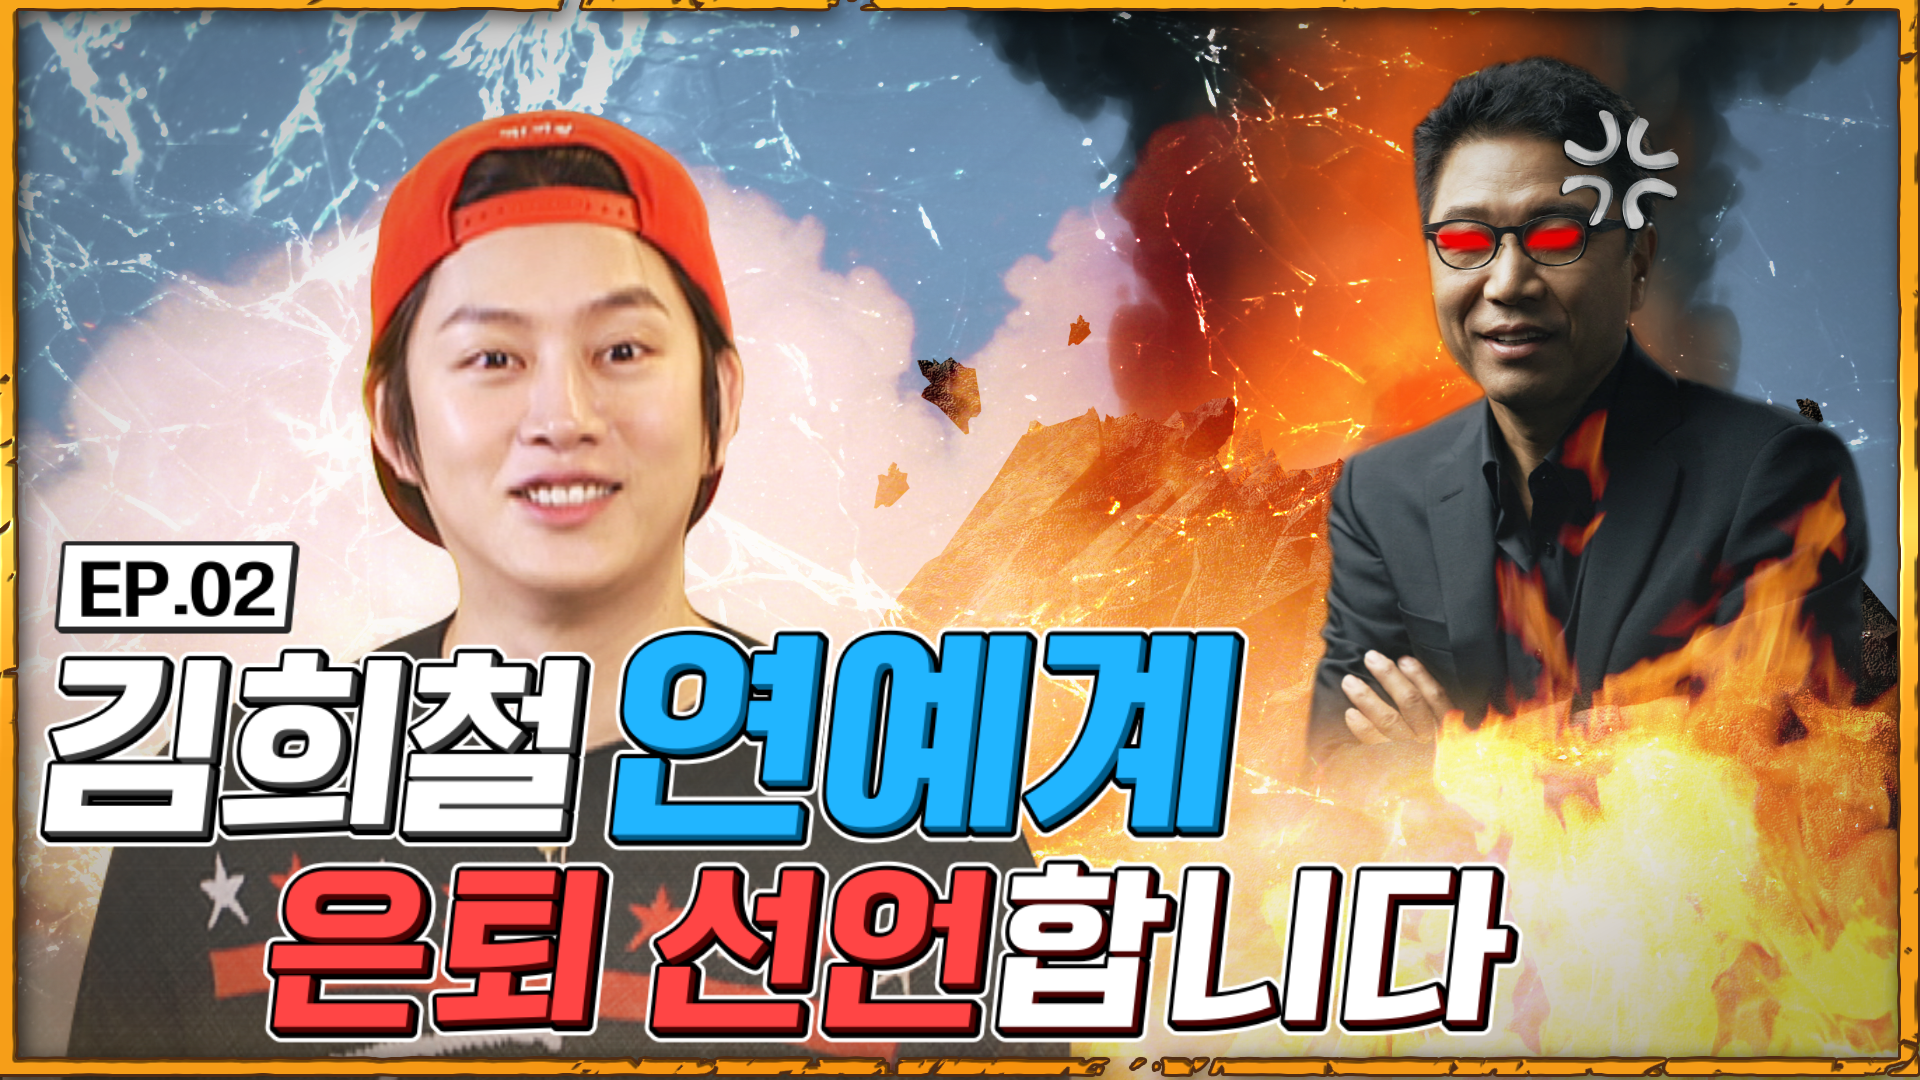 [핵인싸동맹] EP.02 김희철 연예계 은퇴 선언합니다.